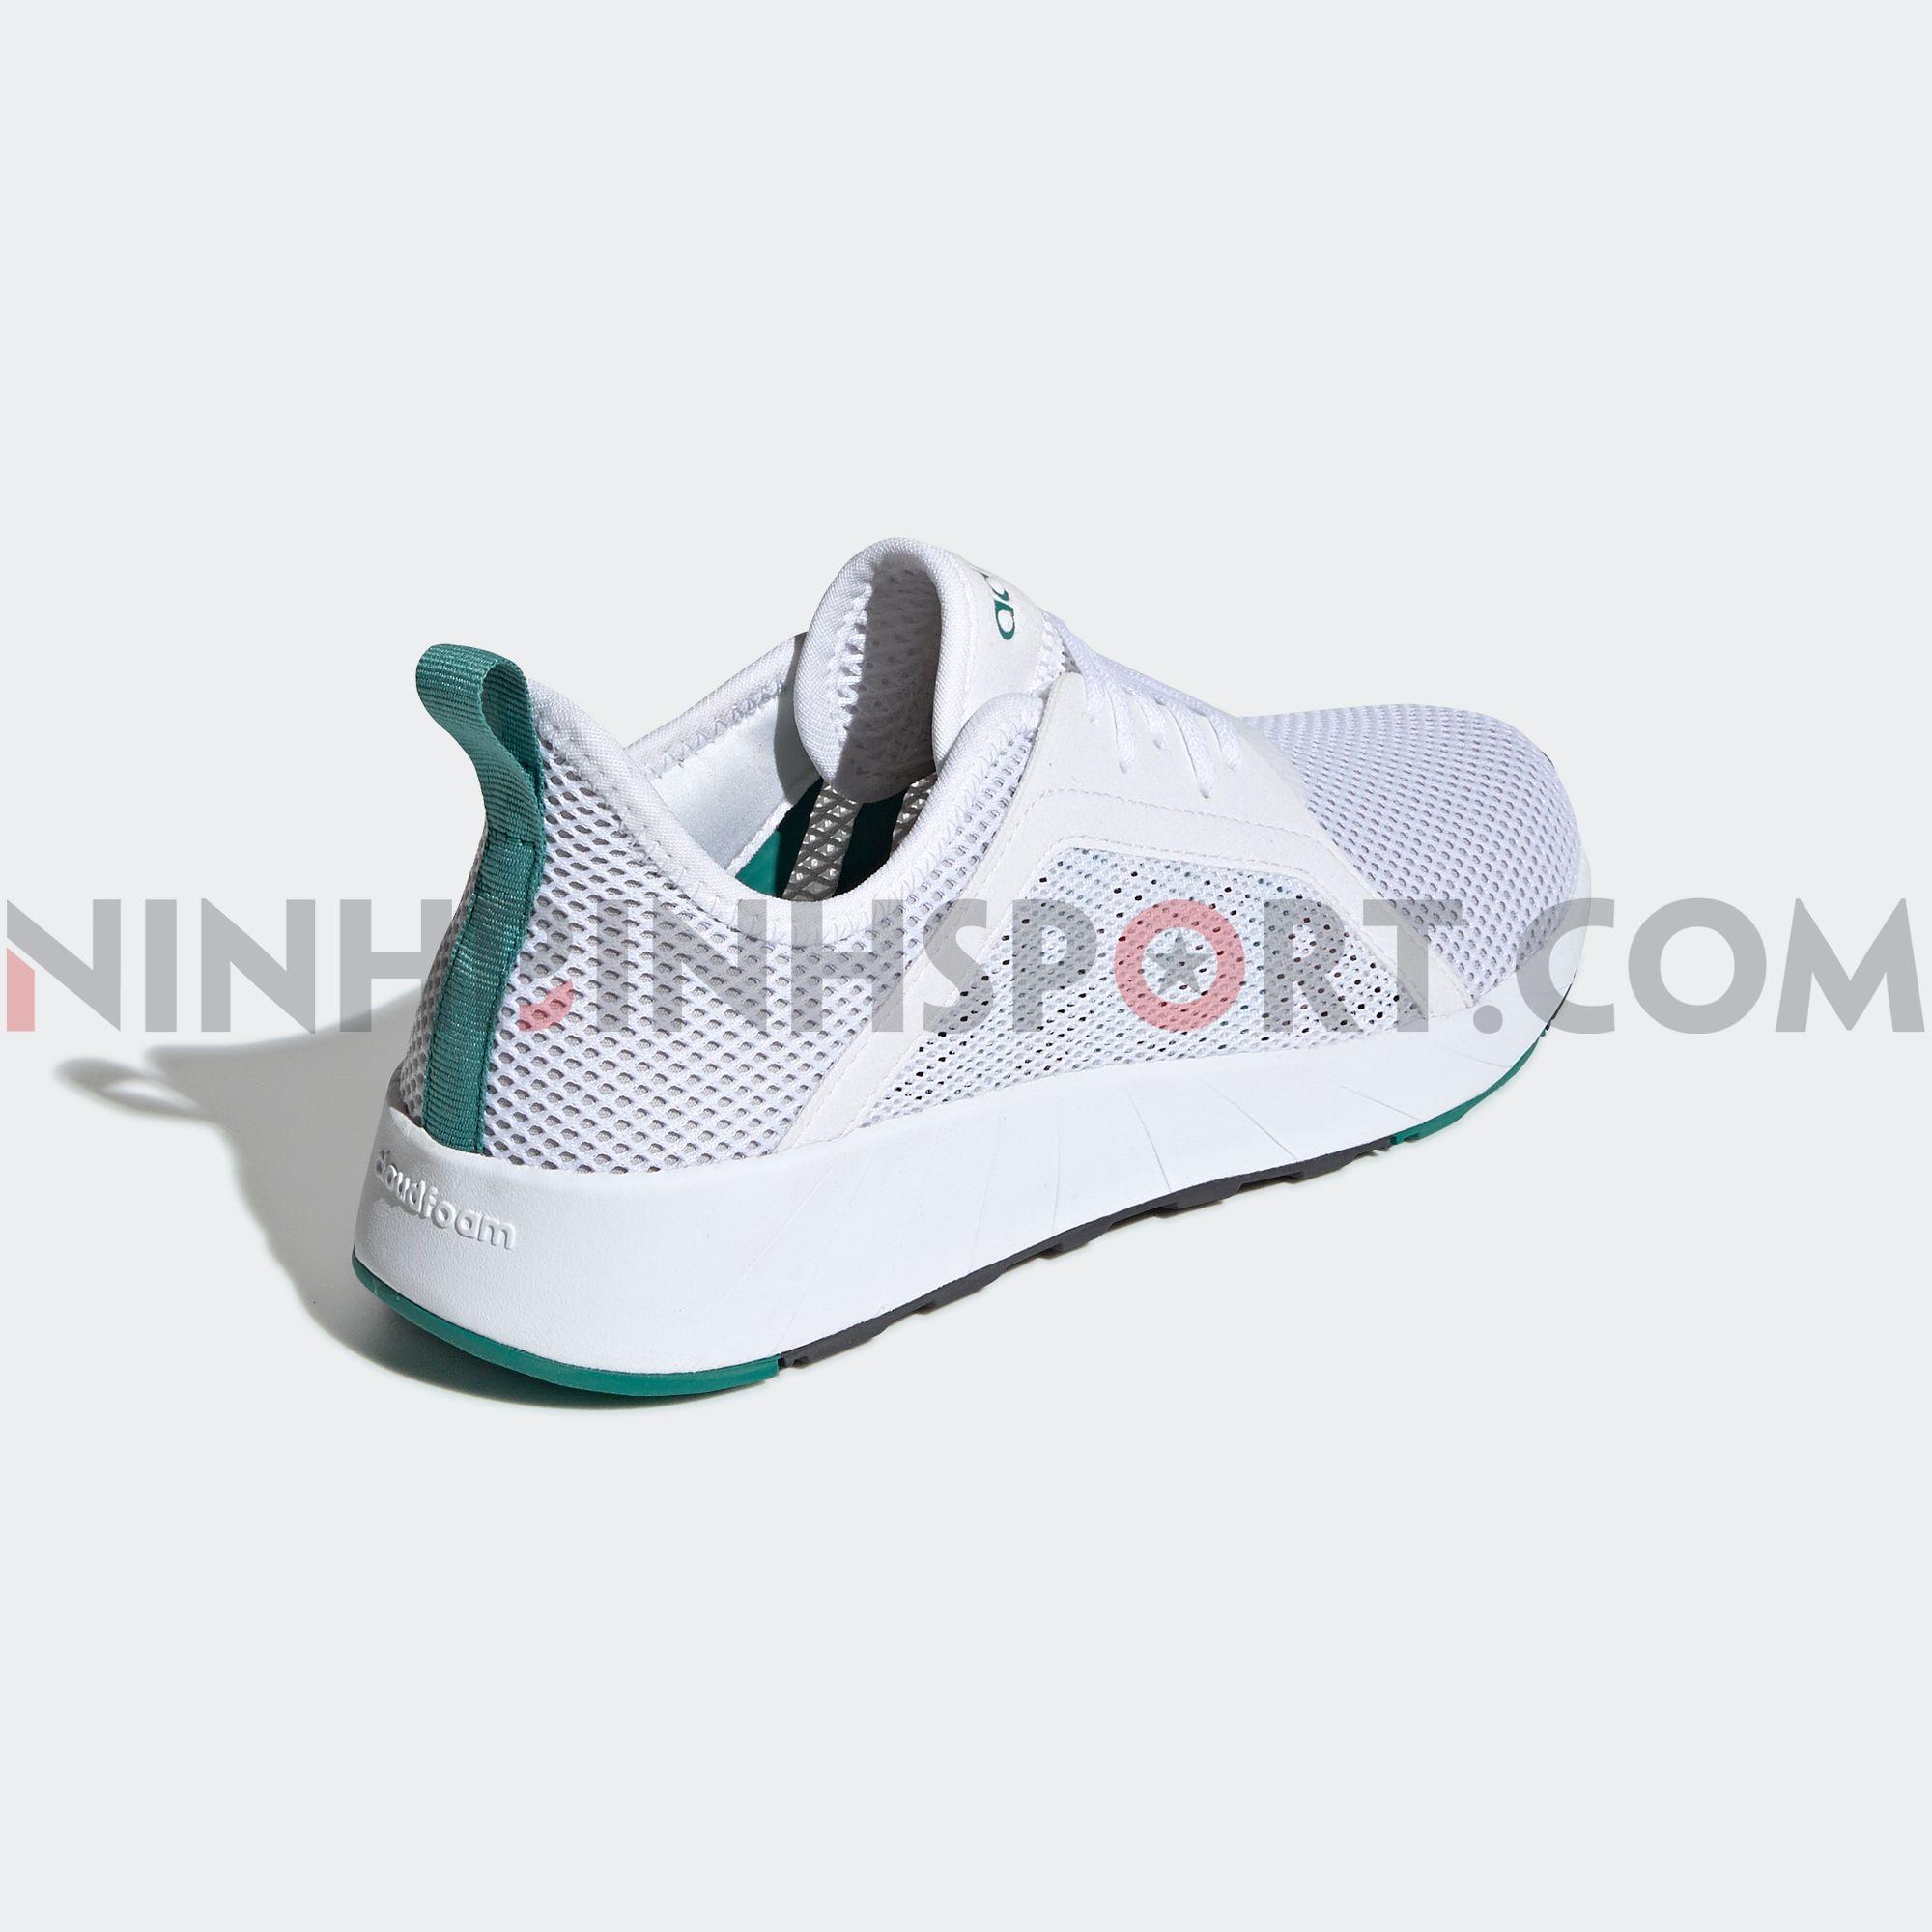 Giày thể thao nữ Adidas Neo Khoe Run White - F36792